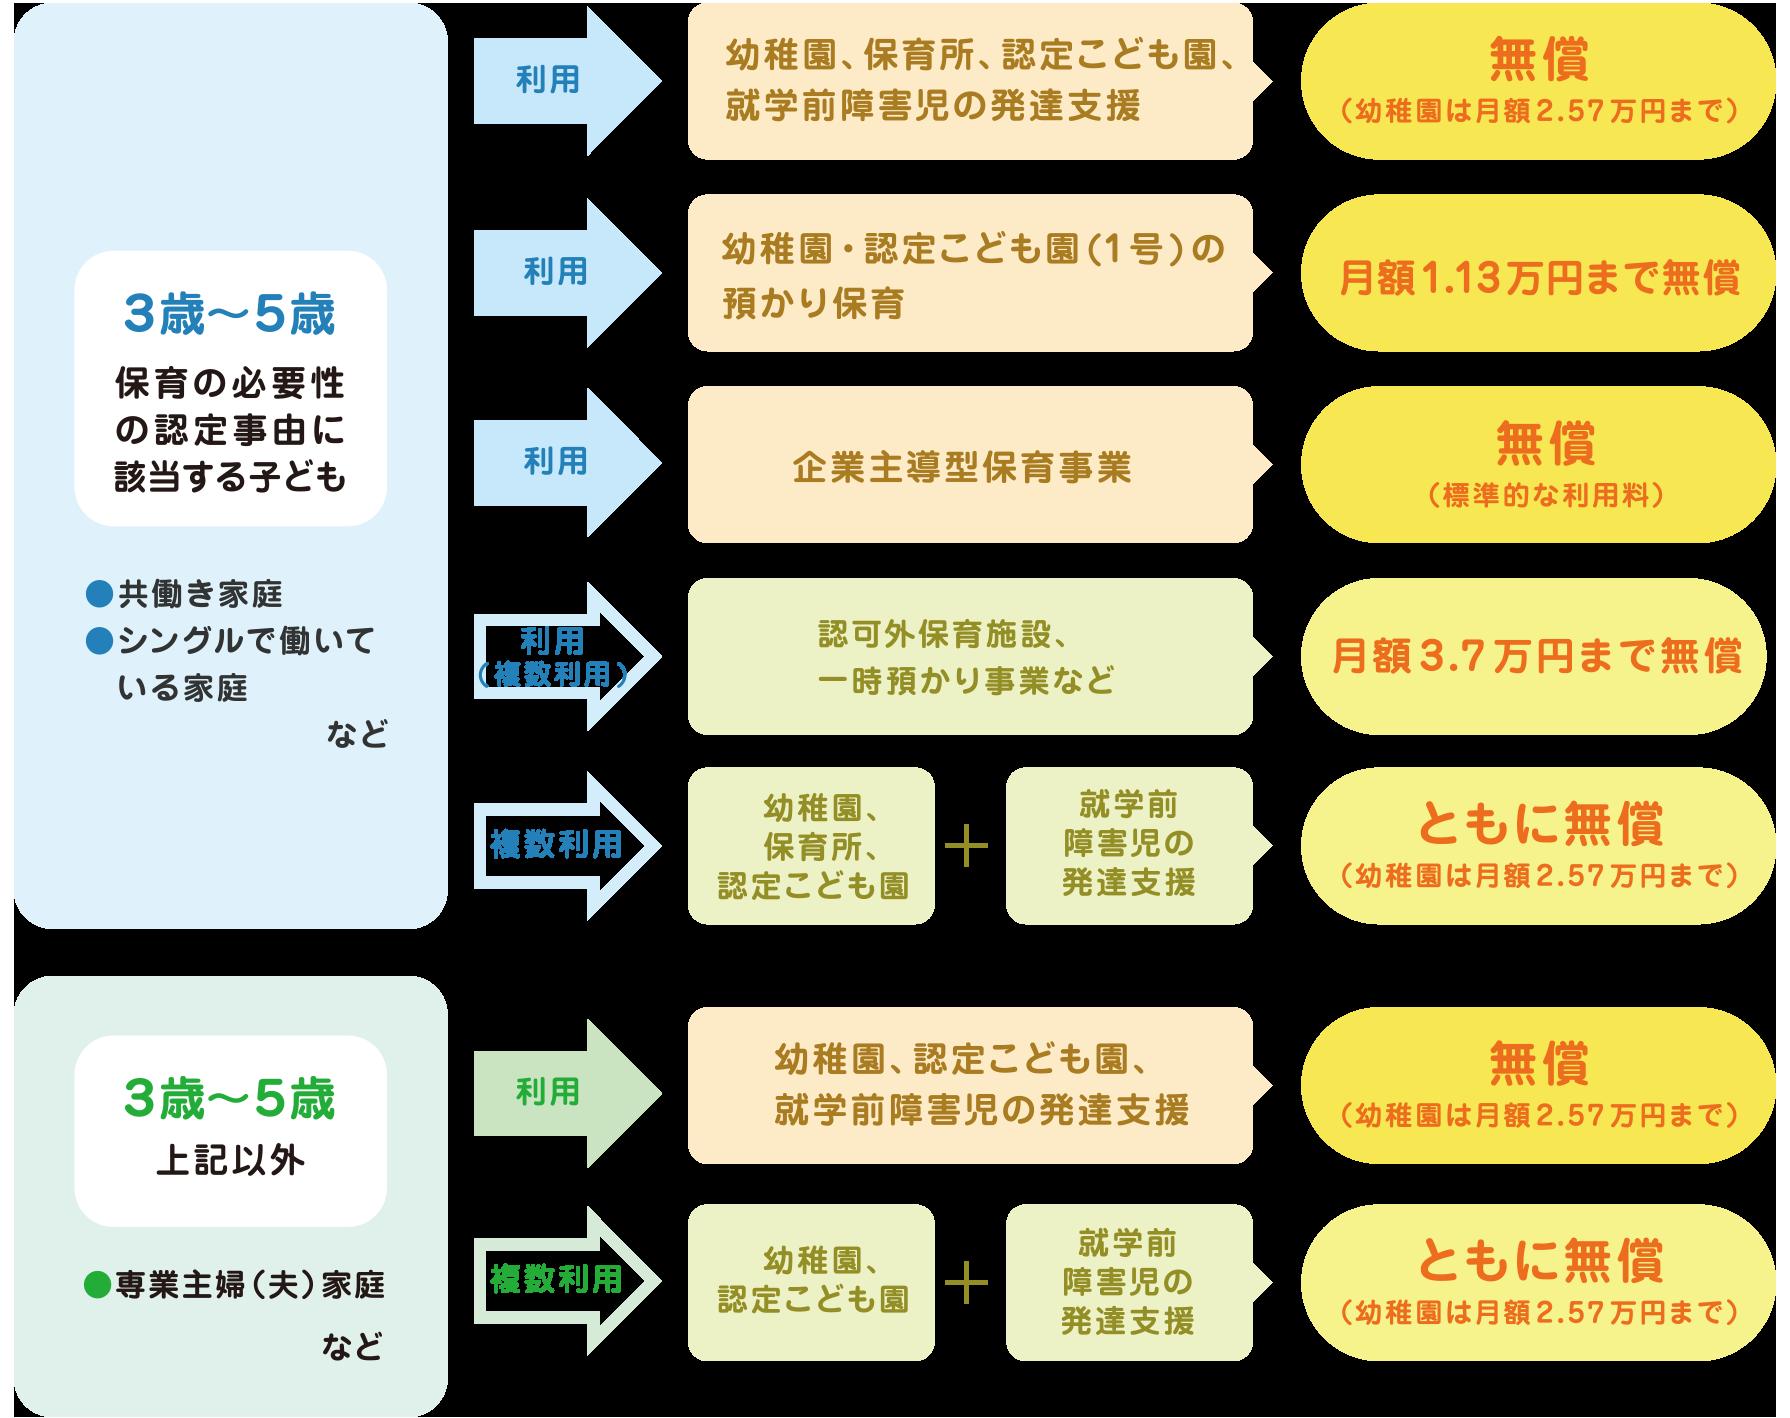 幼児教育・保育の無償化の主な例フロー図